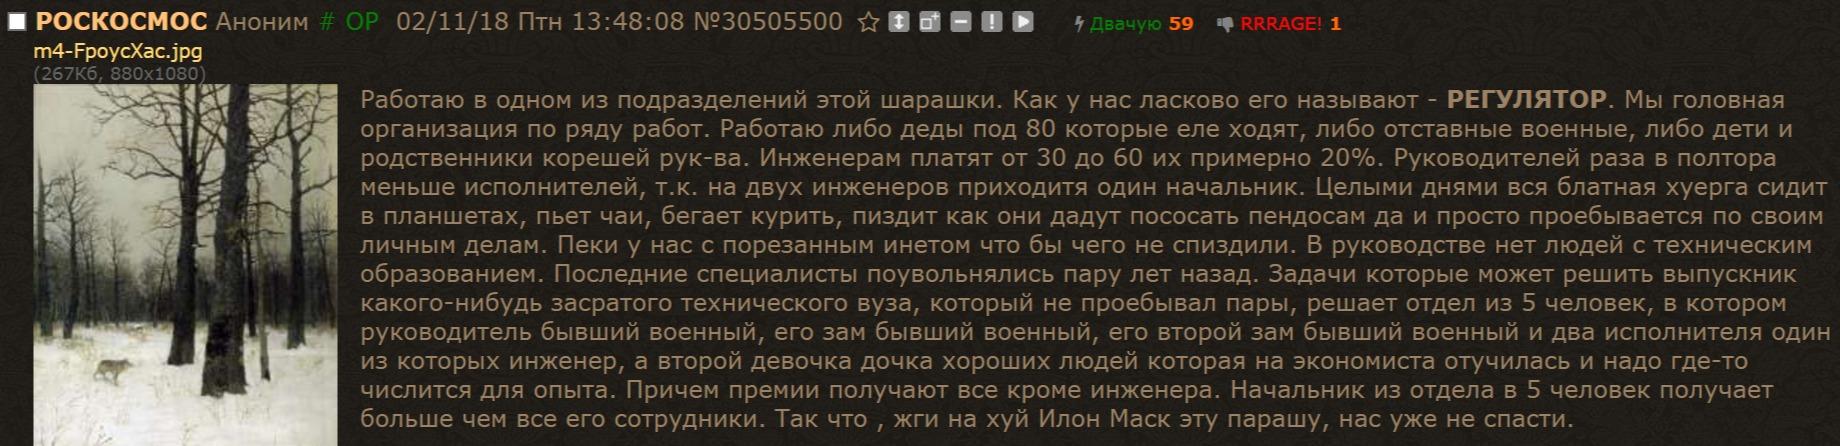 Как работает Роскосмос: их уже не спасти